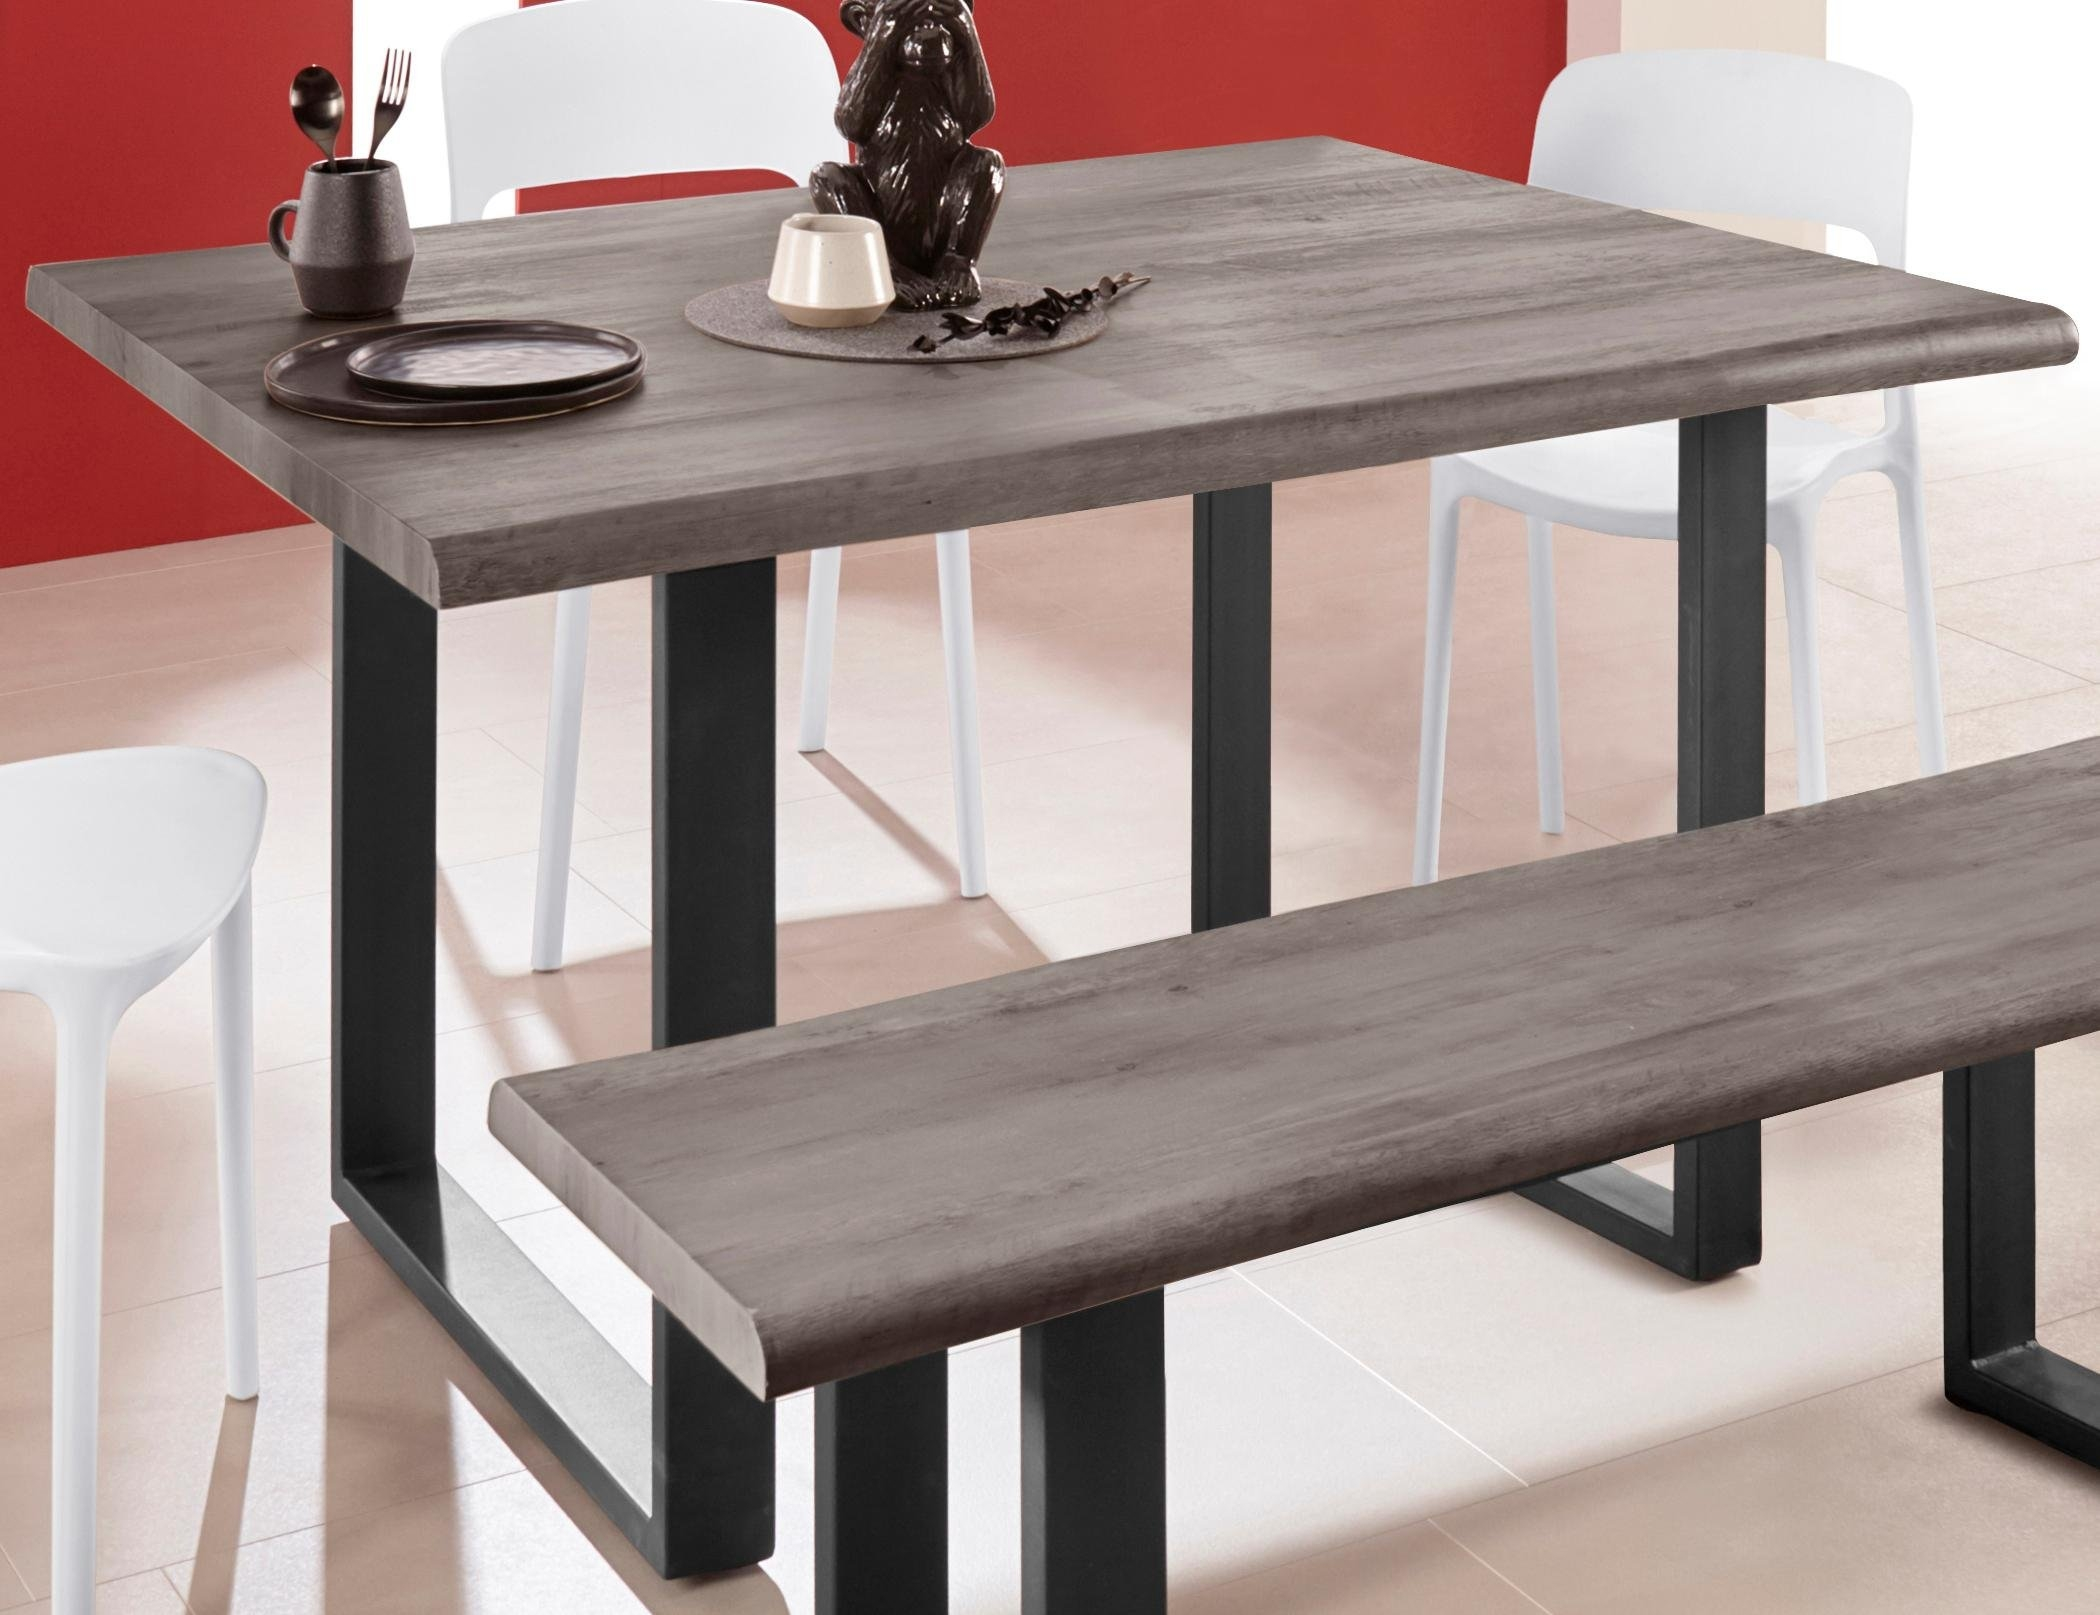 Inosign tafel van hout »Selina« met mooi metalen frame en hout-look met folie op het tafelblad online kopen op otto.nl